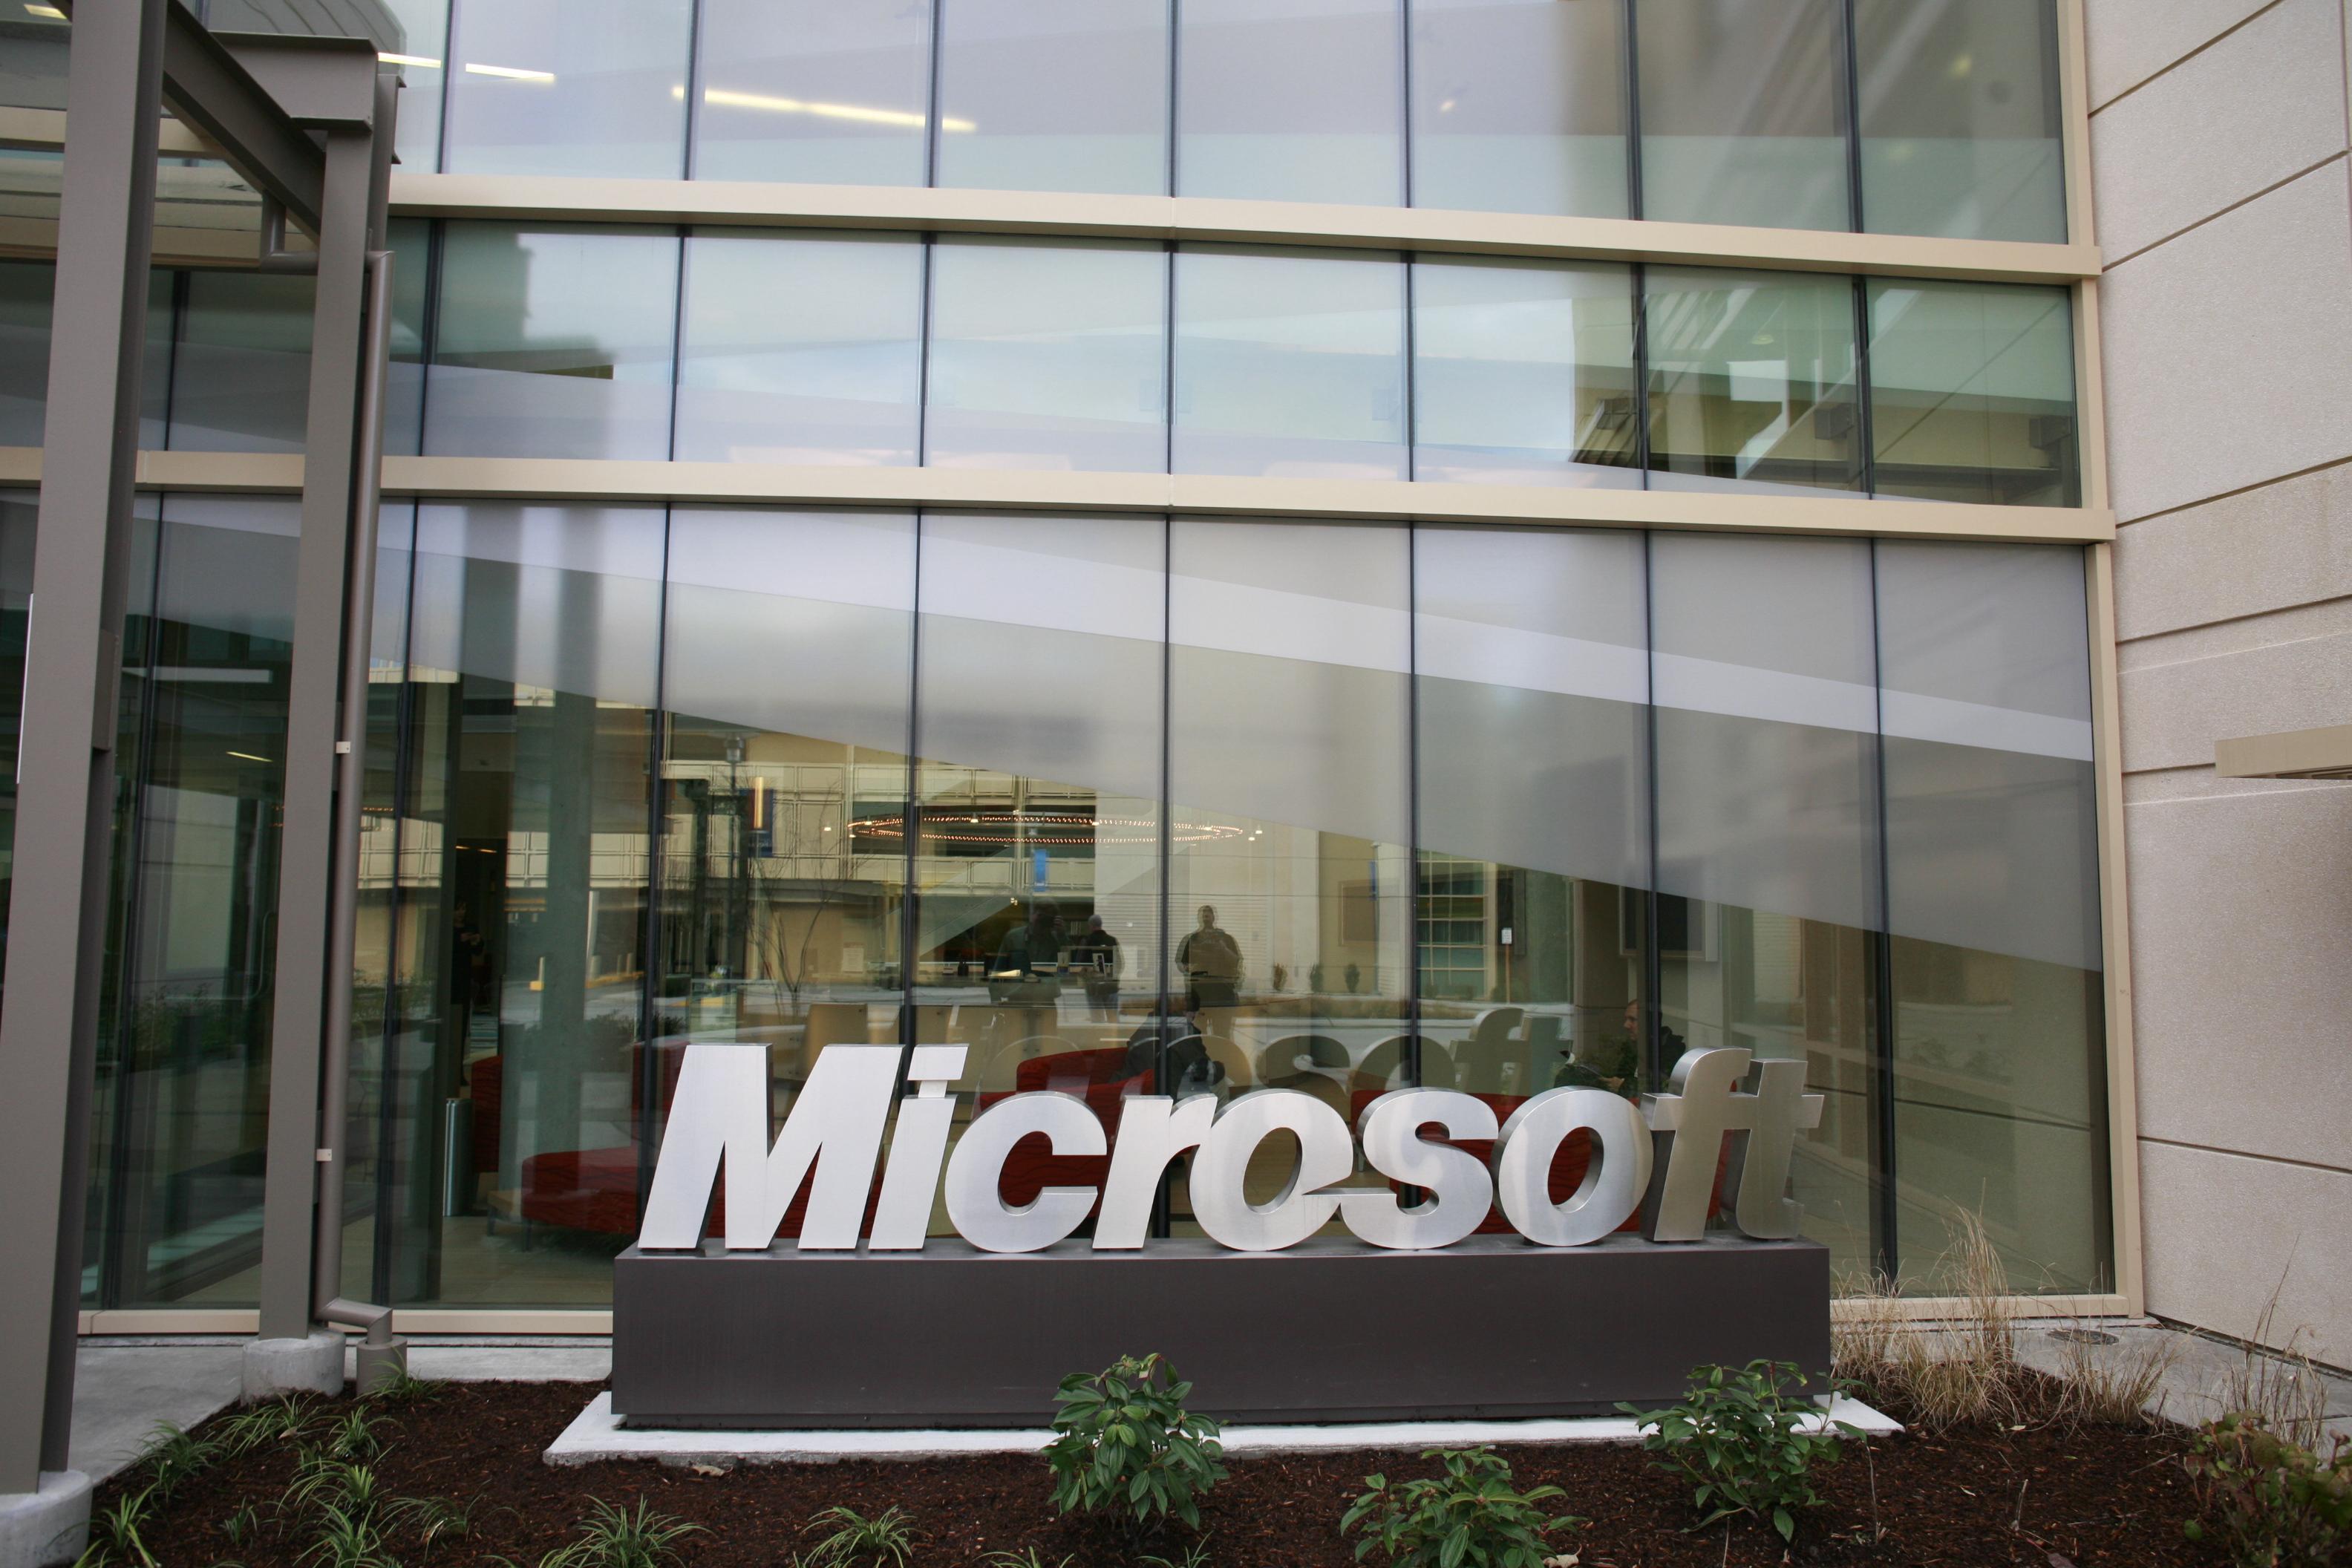 مایکروسافت می خواهد که گوشی های هوشمند شما را تبدیل به اسکنر سه بعدی بکند